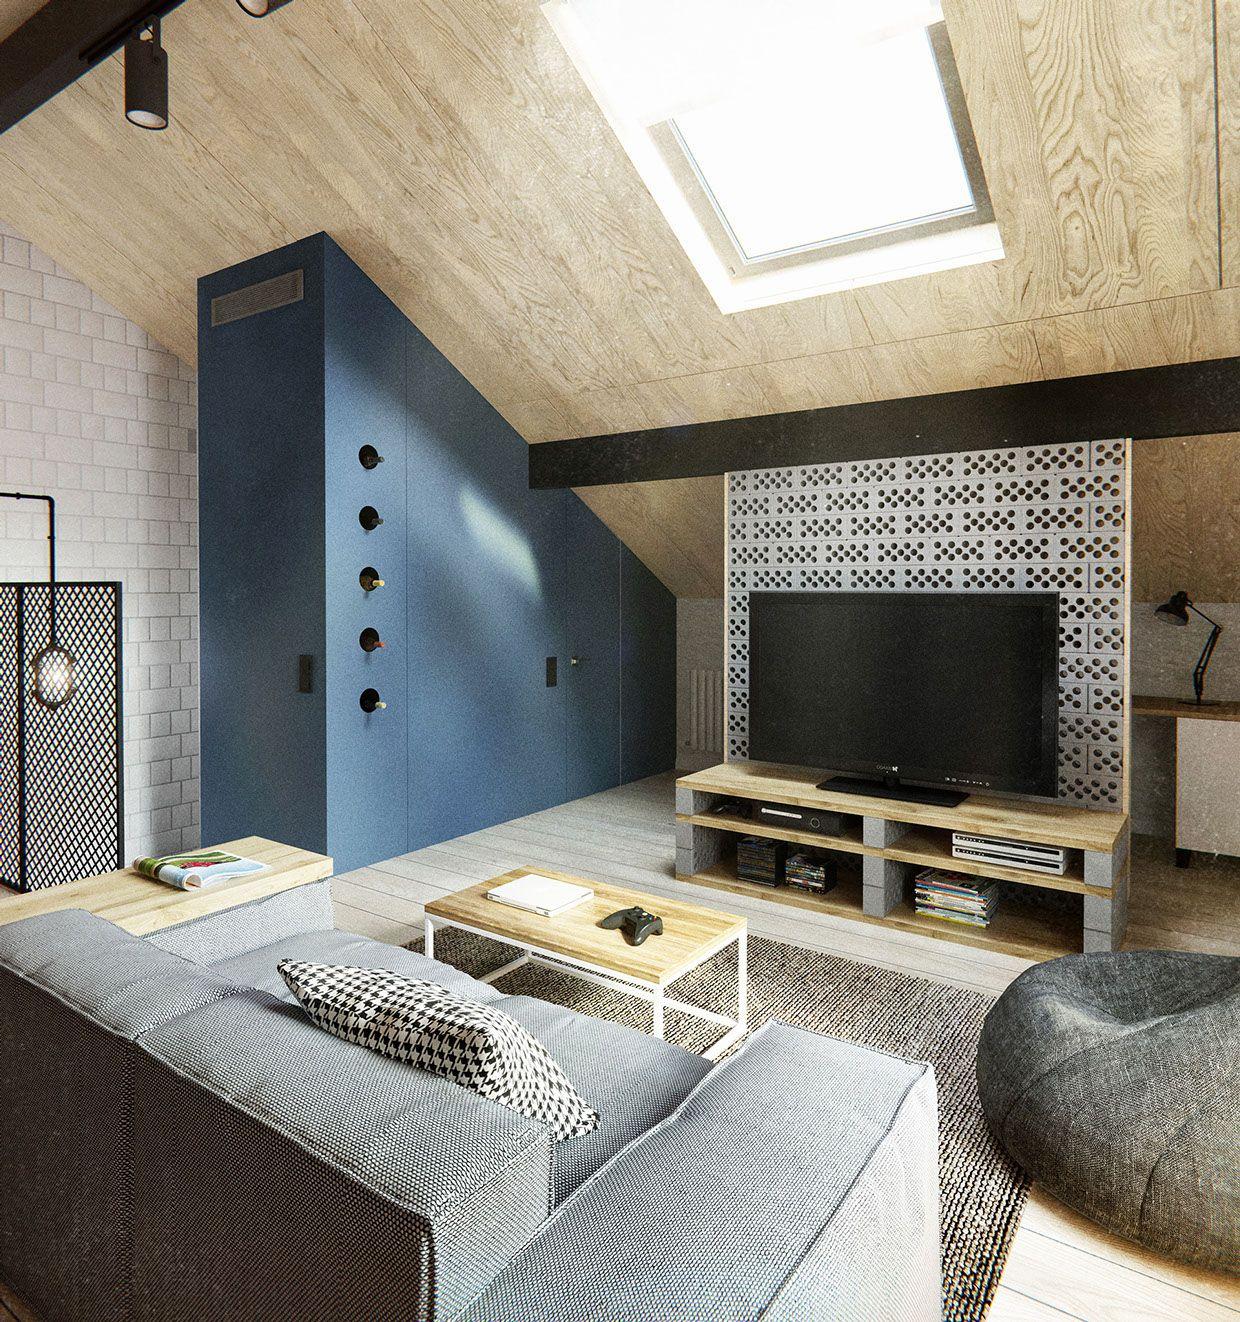 Haus design einfaches zuhause duplex house by int architecture  design   möbel  pinterest